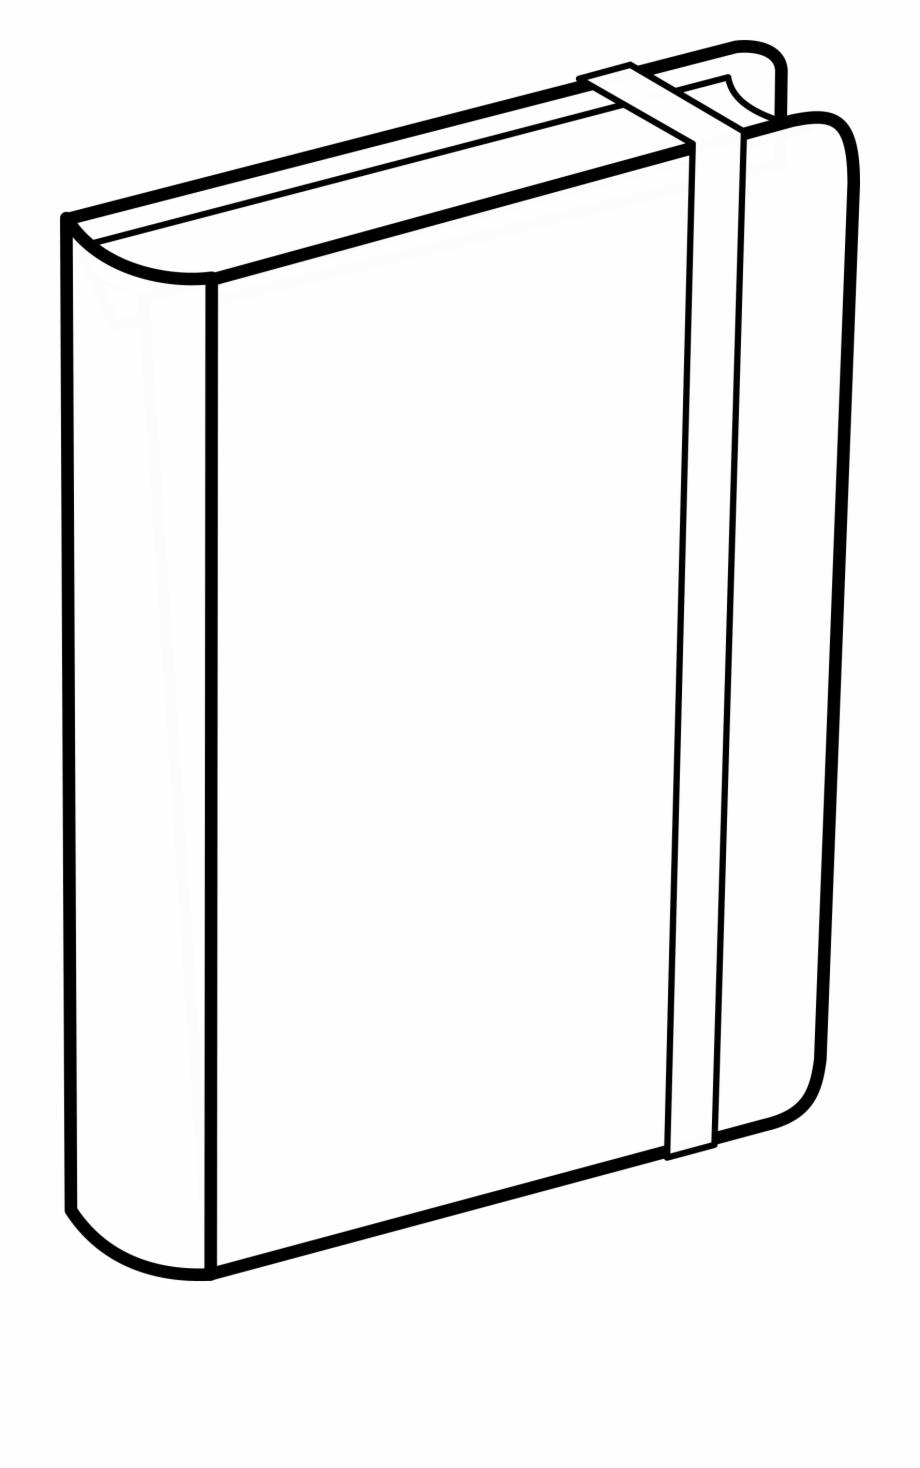 Notebook rectangle clip art. Clipart book rectangular